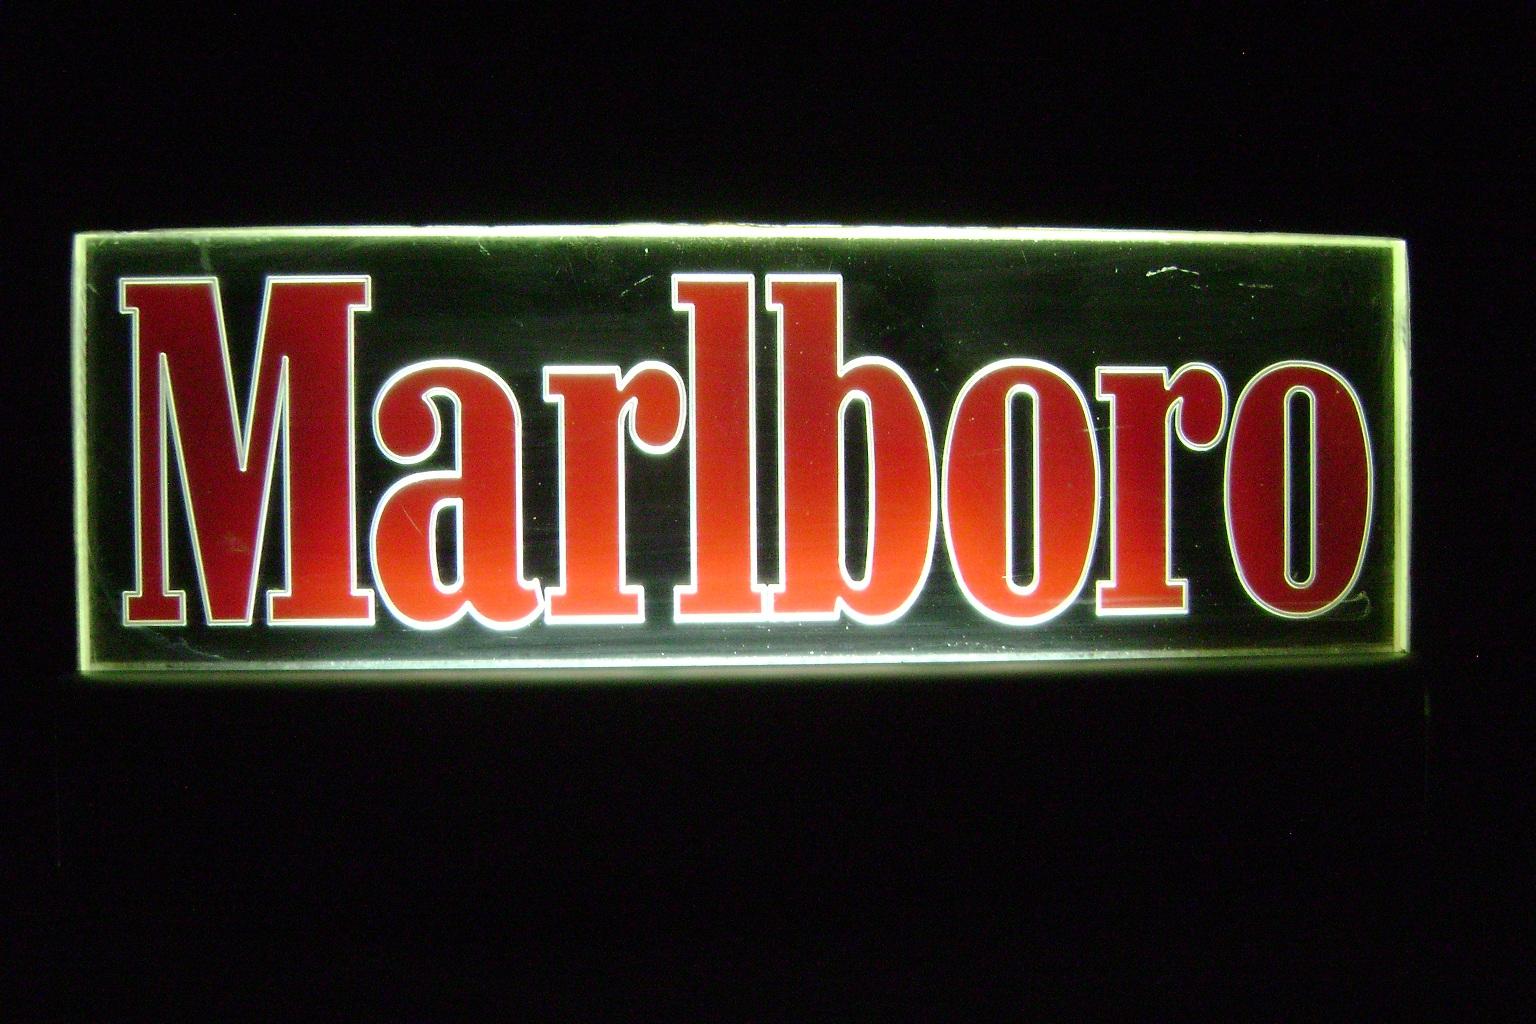 Reklama_svetleca_Marlboro_cigar_1.JPG